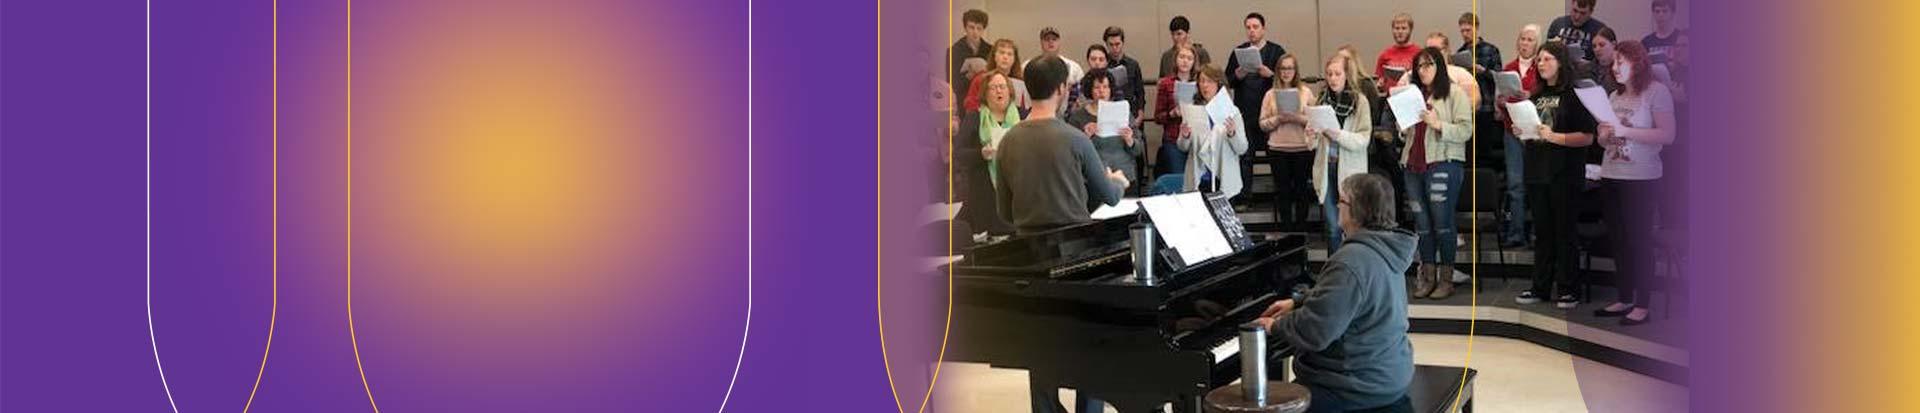 Choir at UWC